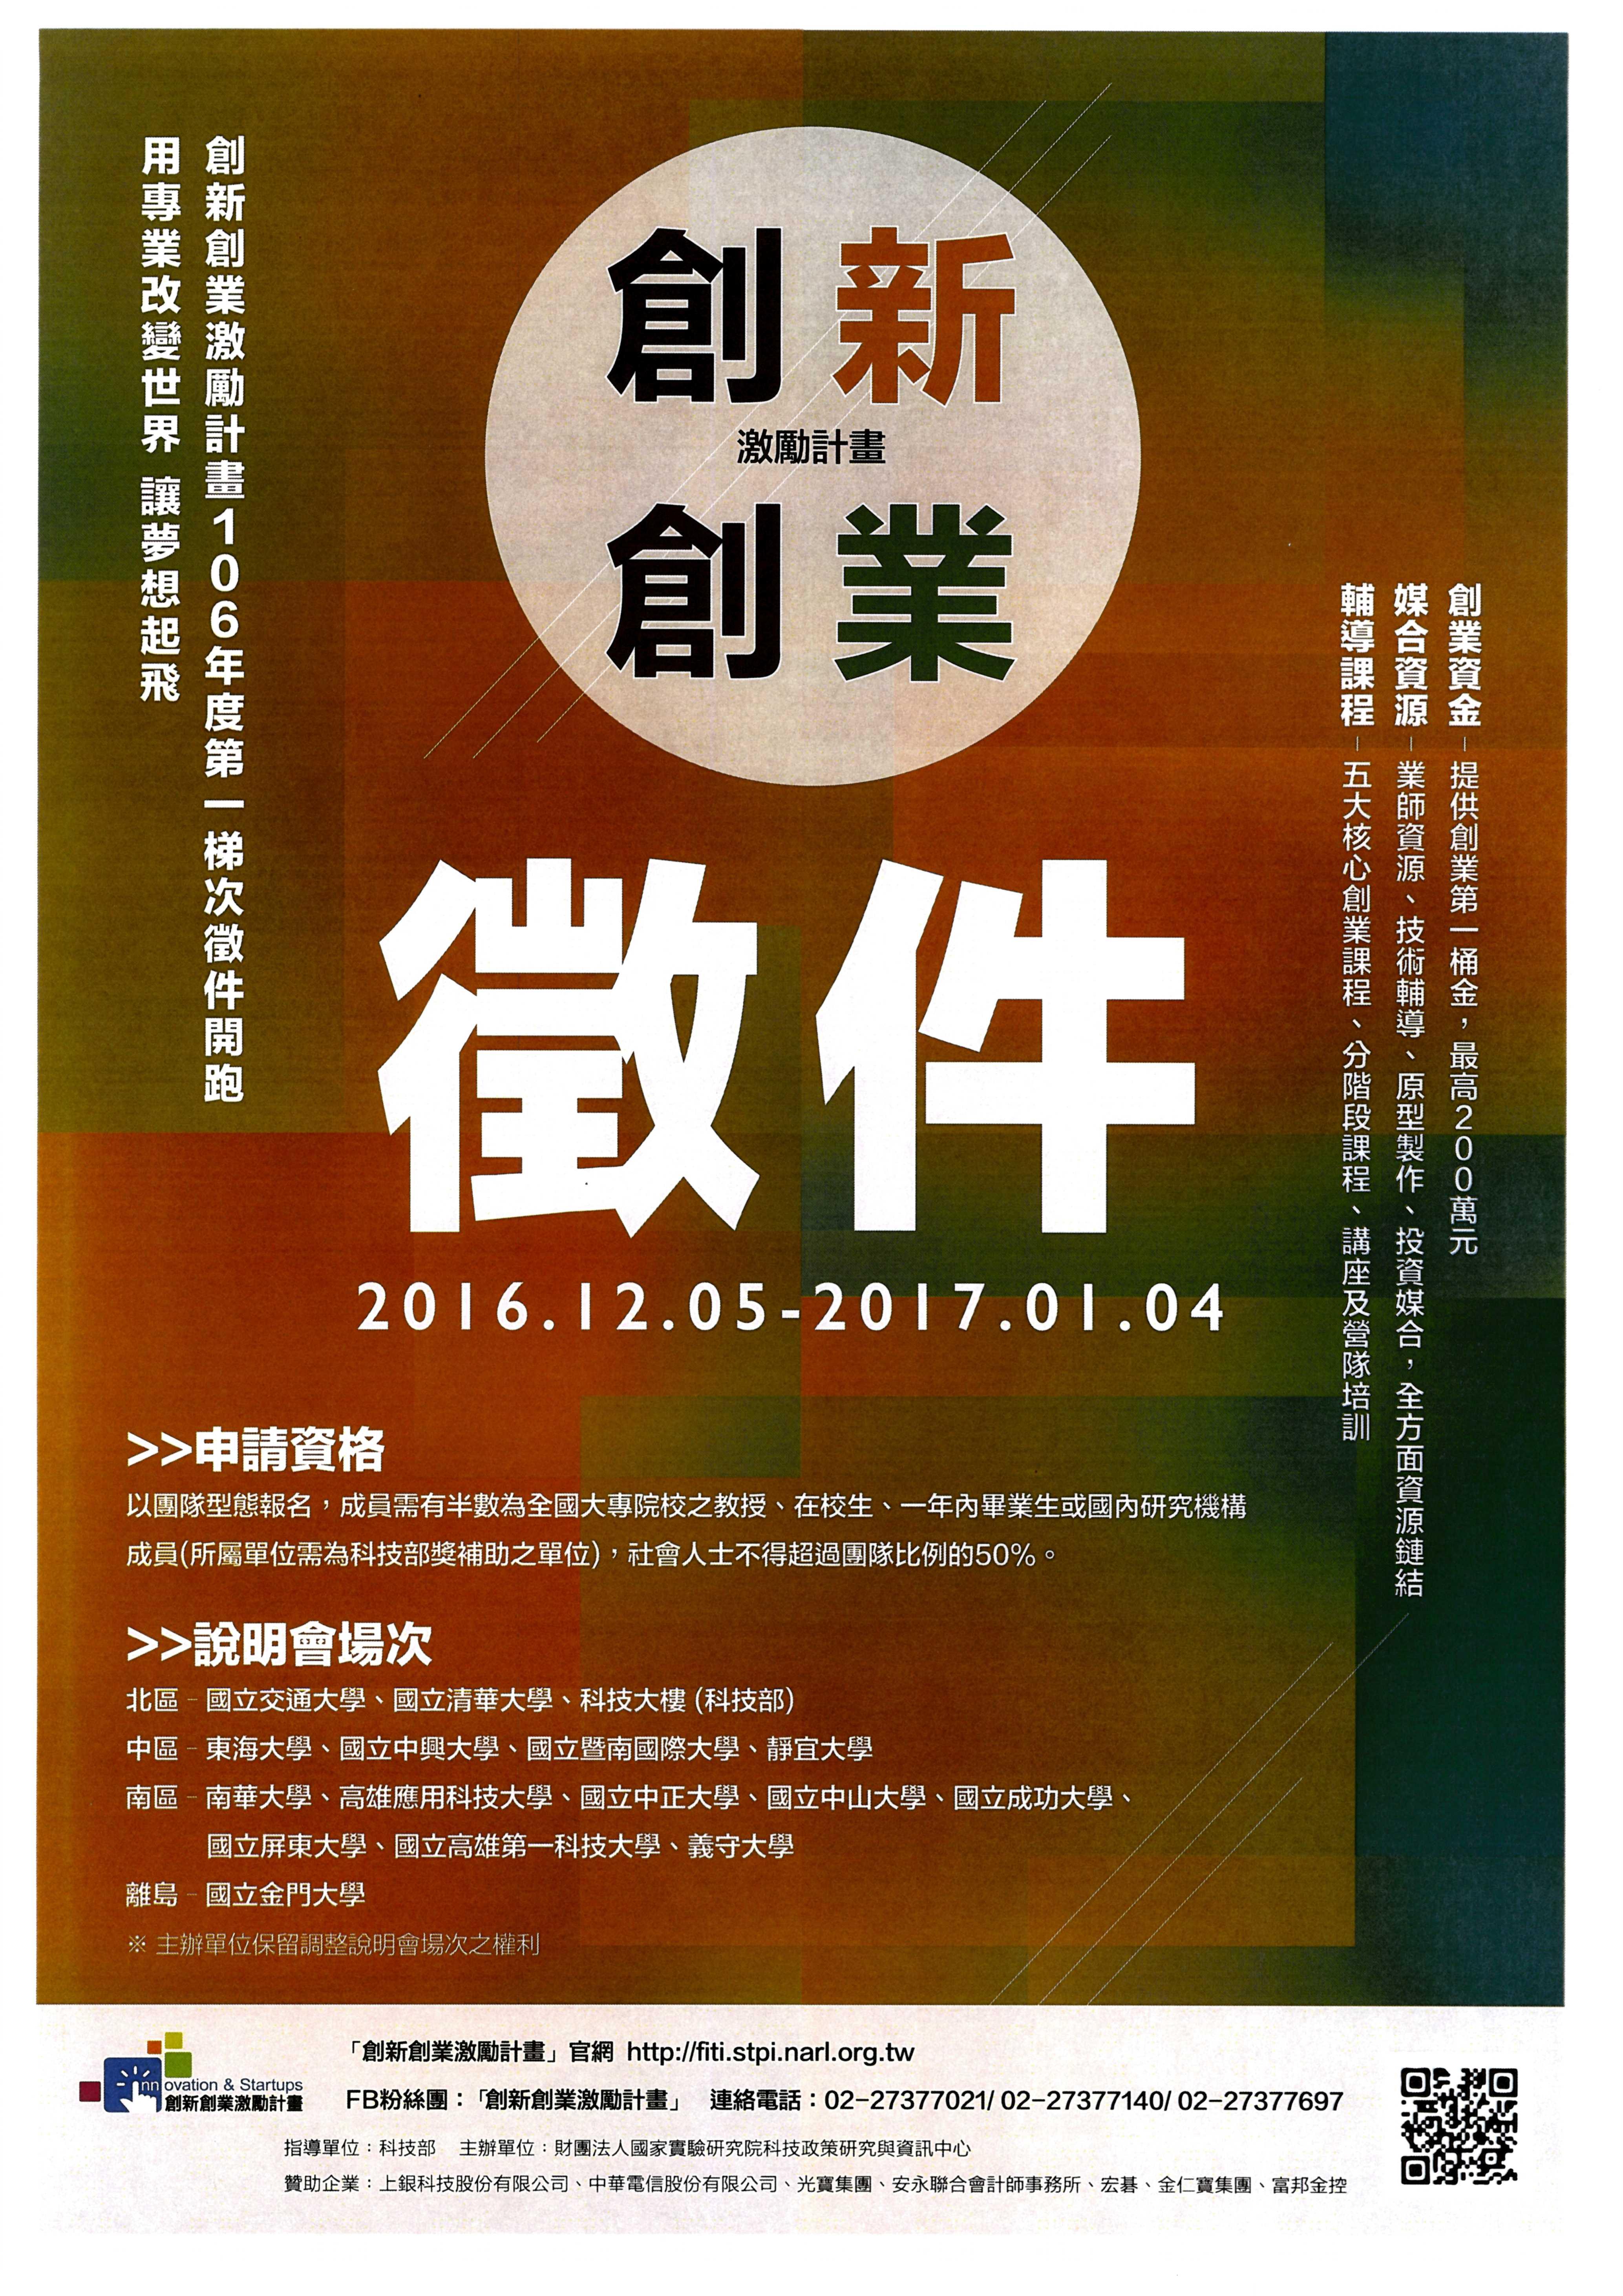 106創新創業激勵計畫(FITI)第一梯次徵件海報